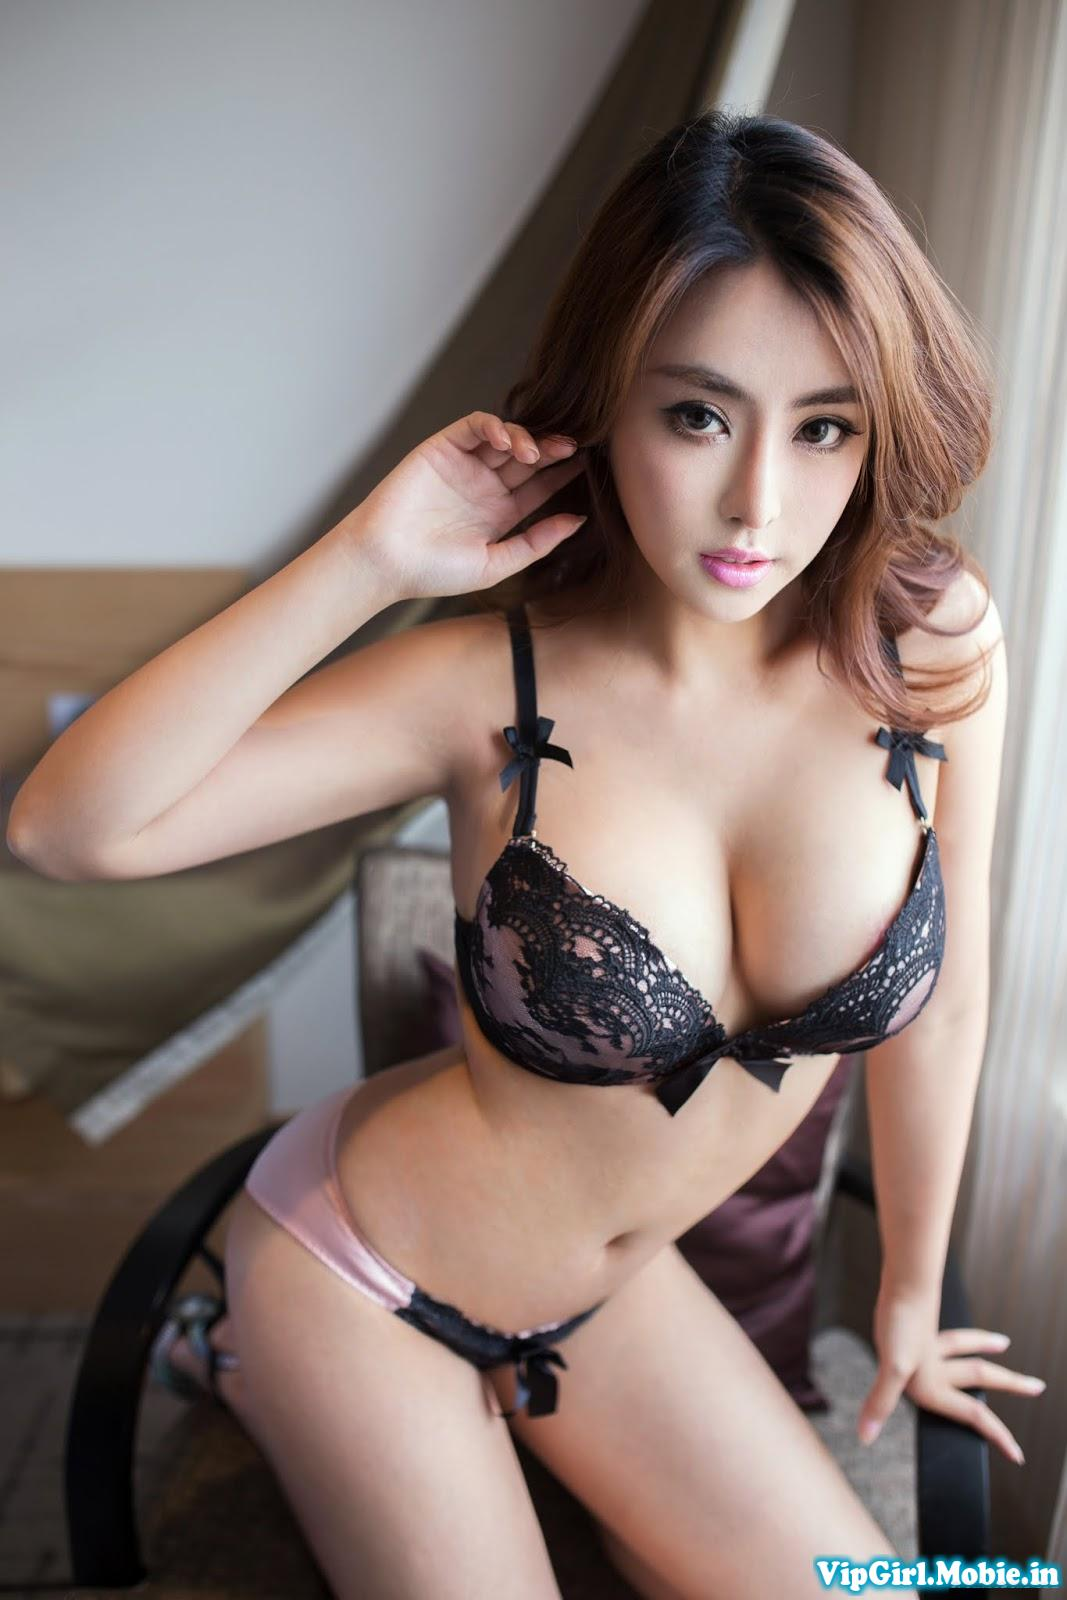 Gái Xinh Sexy Quyến rũ Ngực đẹp với bikini đen|raw